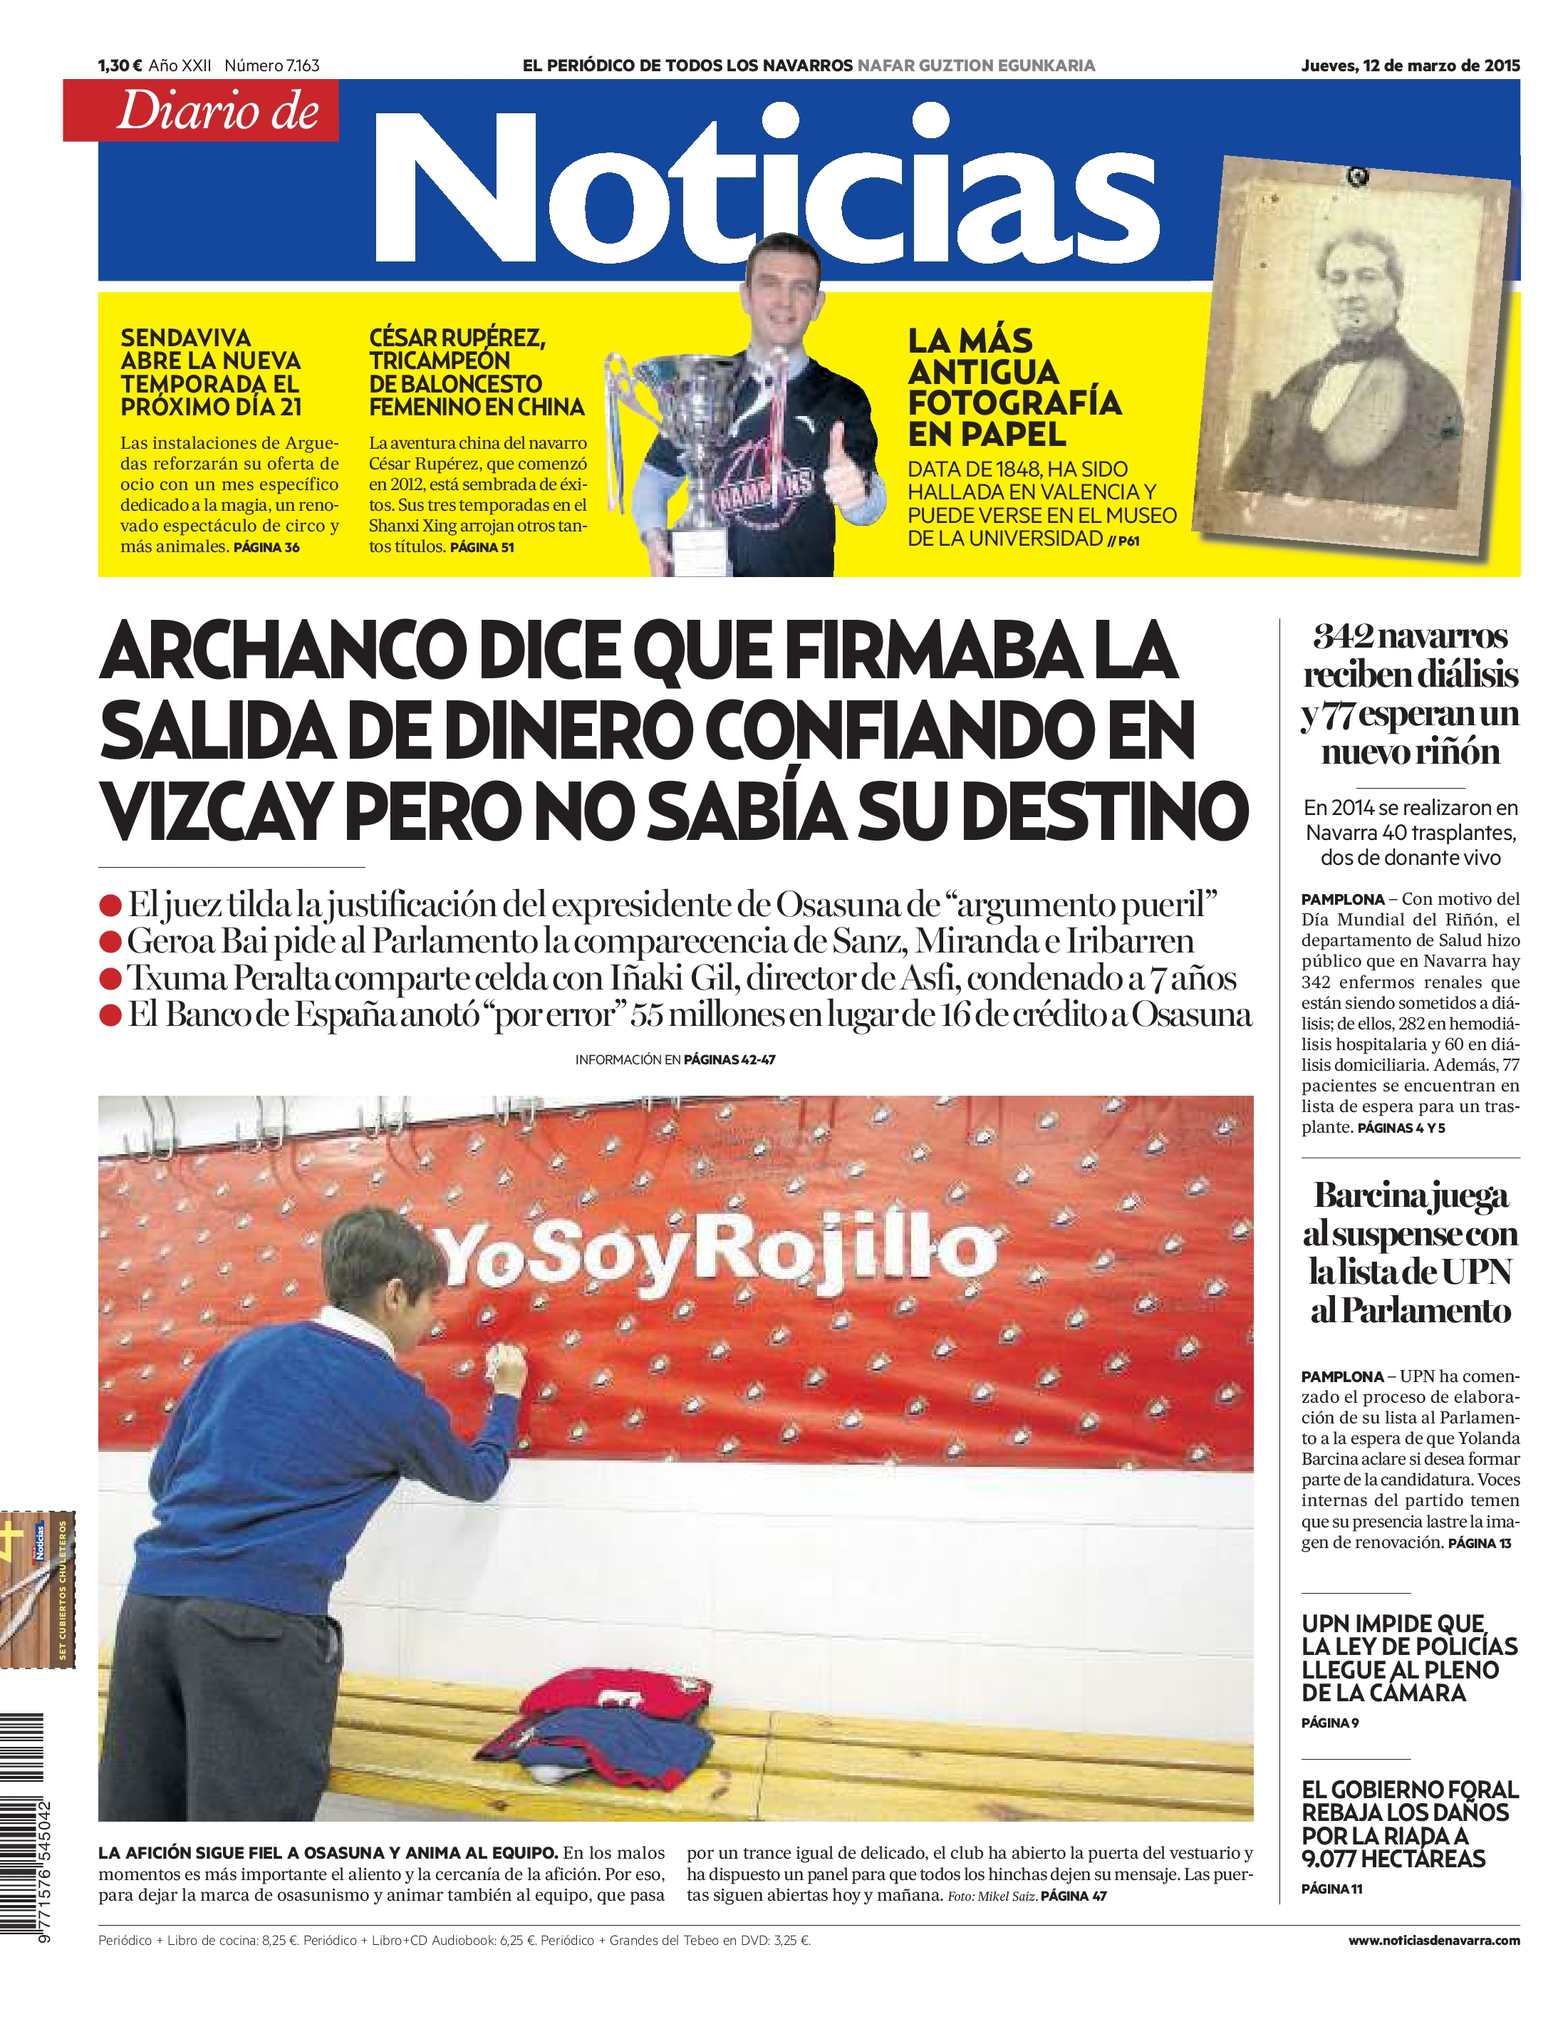 0289649f8d16 Calaméo - Diario de Noticias 20150312